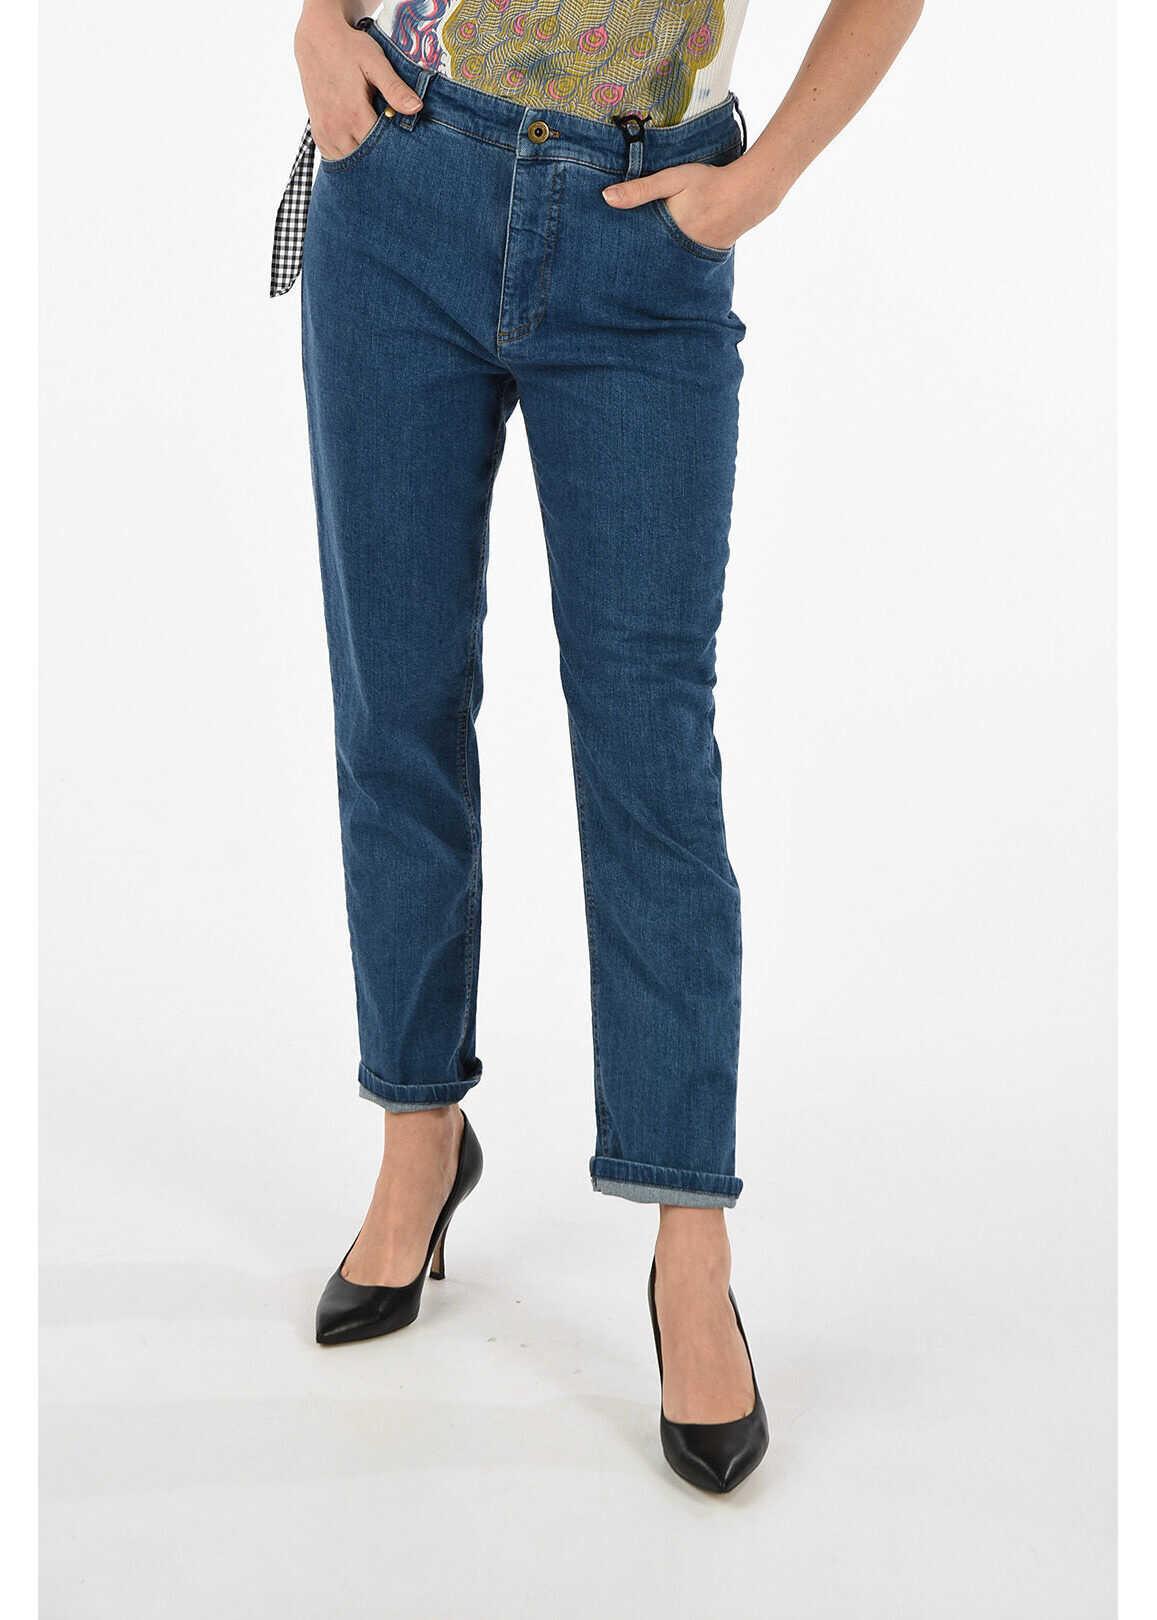 Miu Miu Stretch Denim jeans BLUE